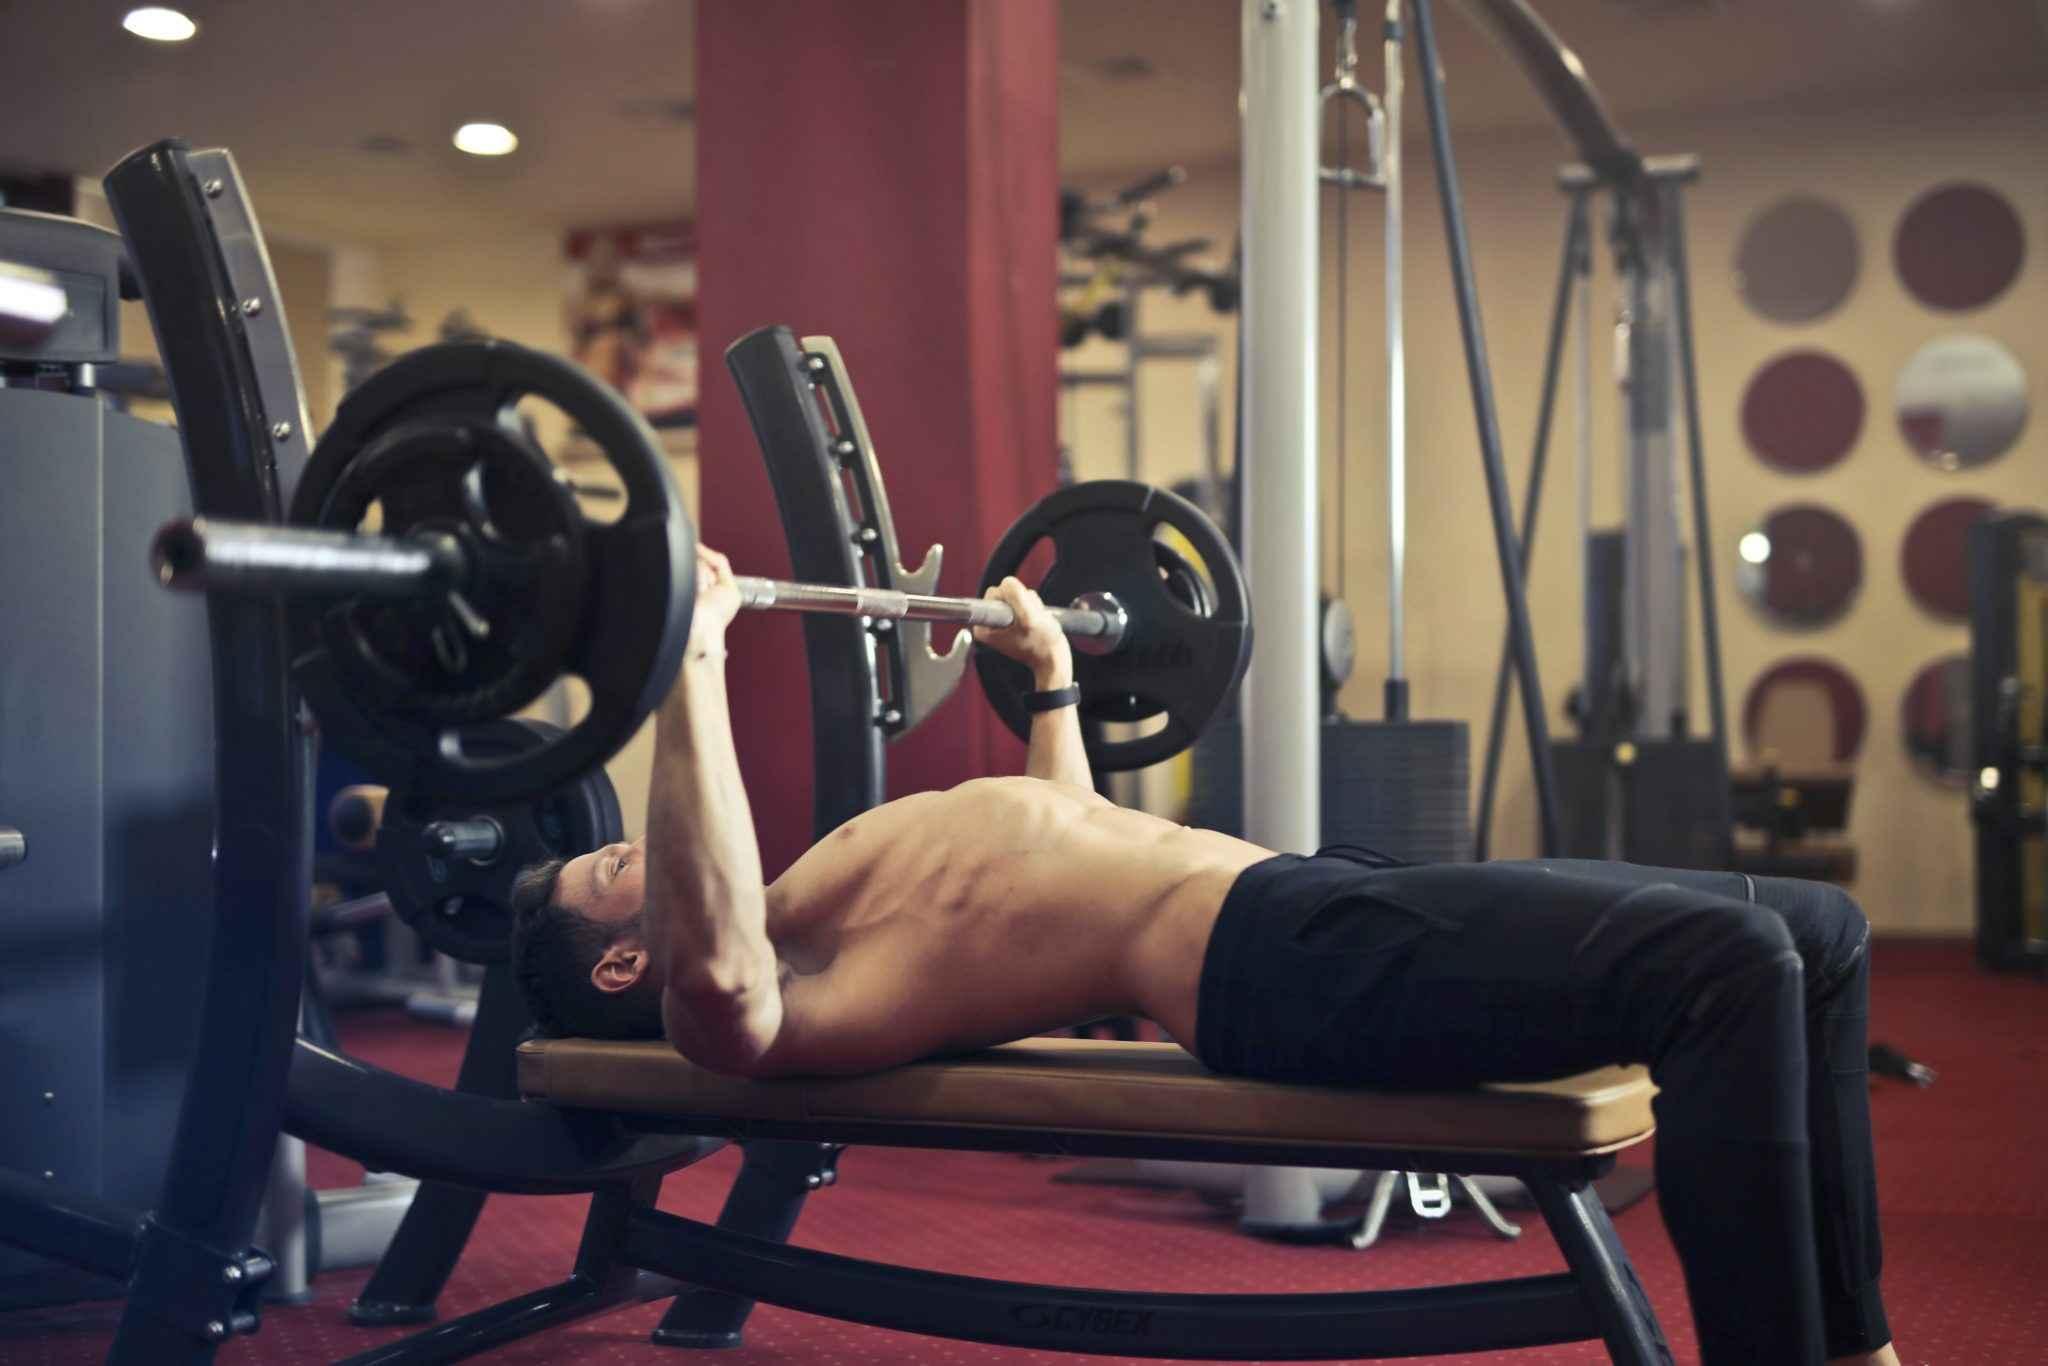 La importancia del ejercicio físico para mantener la pérdida de peso